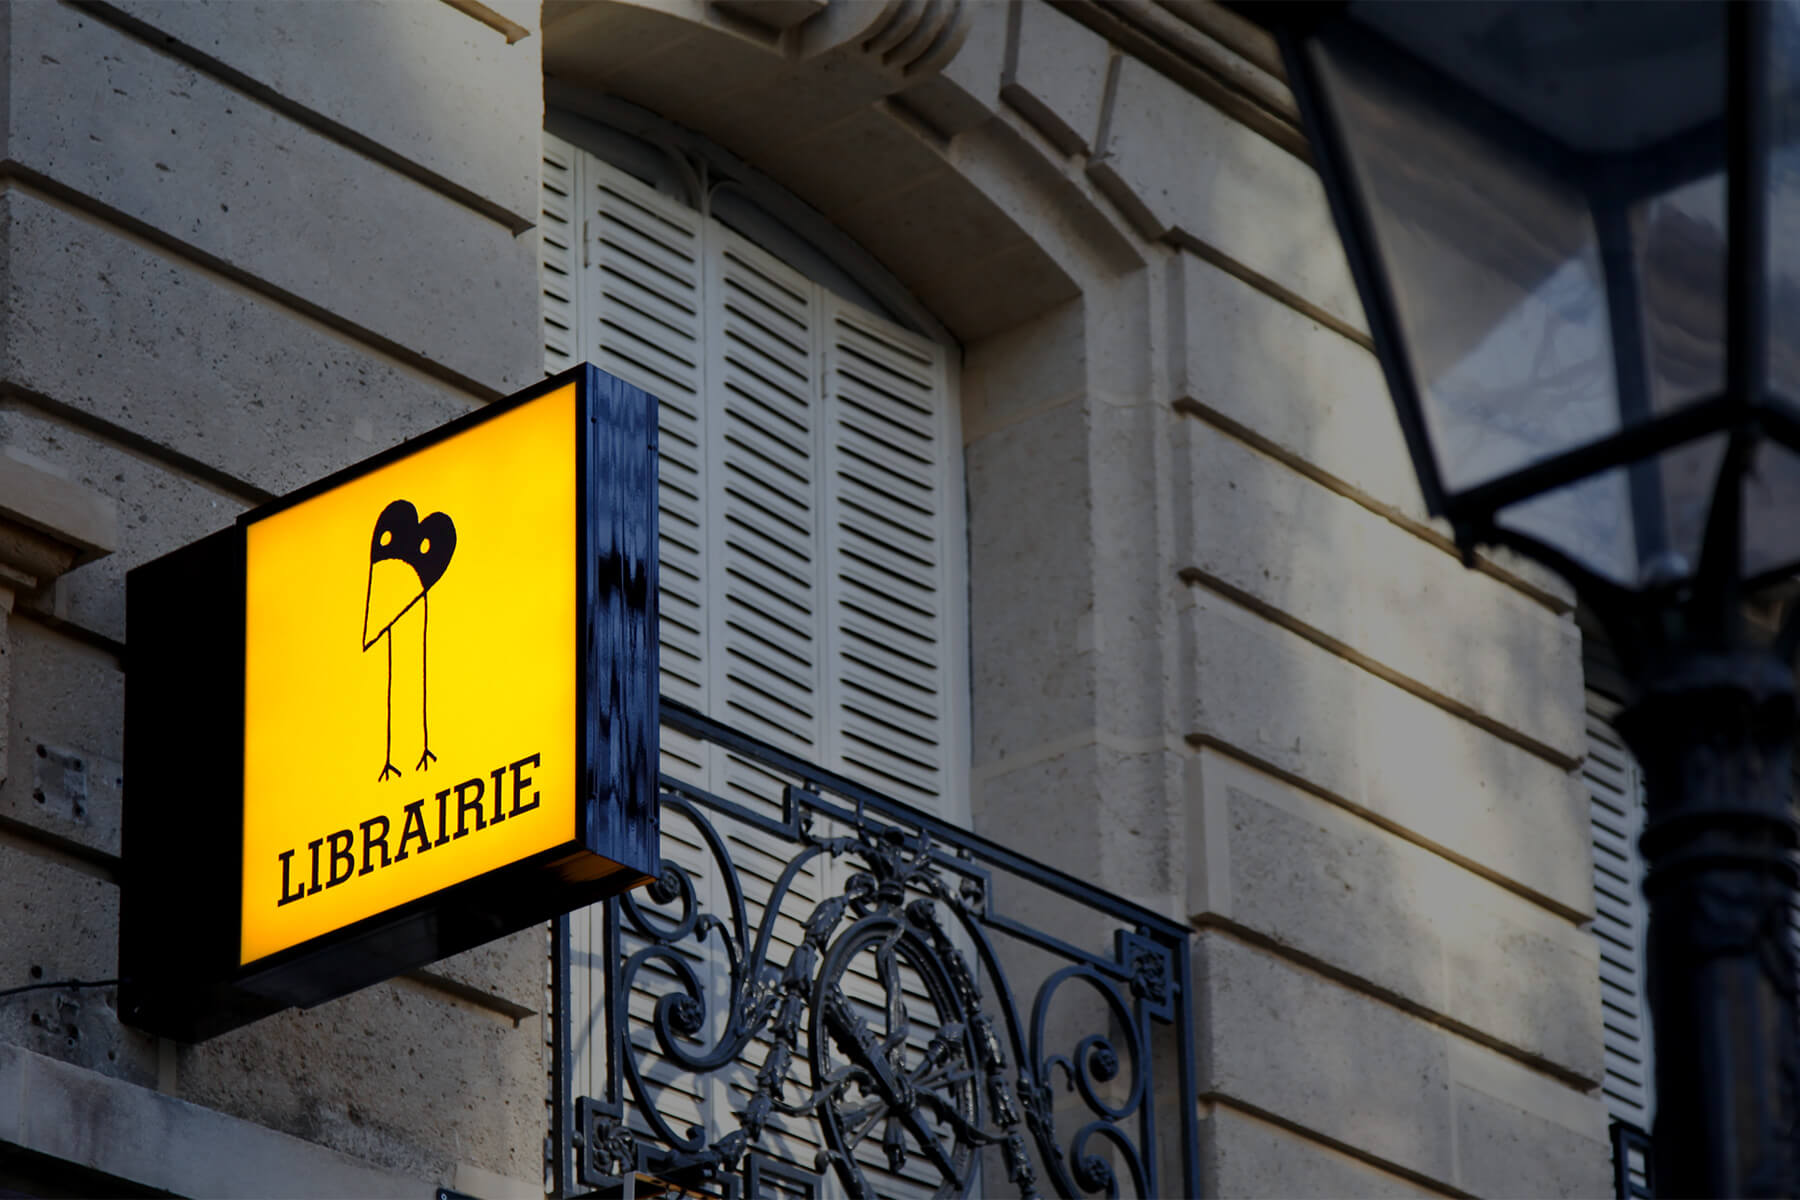 Librairie l'Attrape-Cœurs